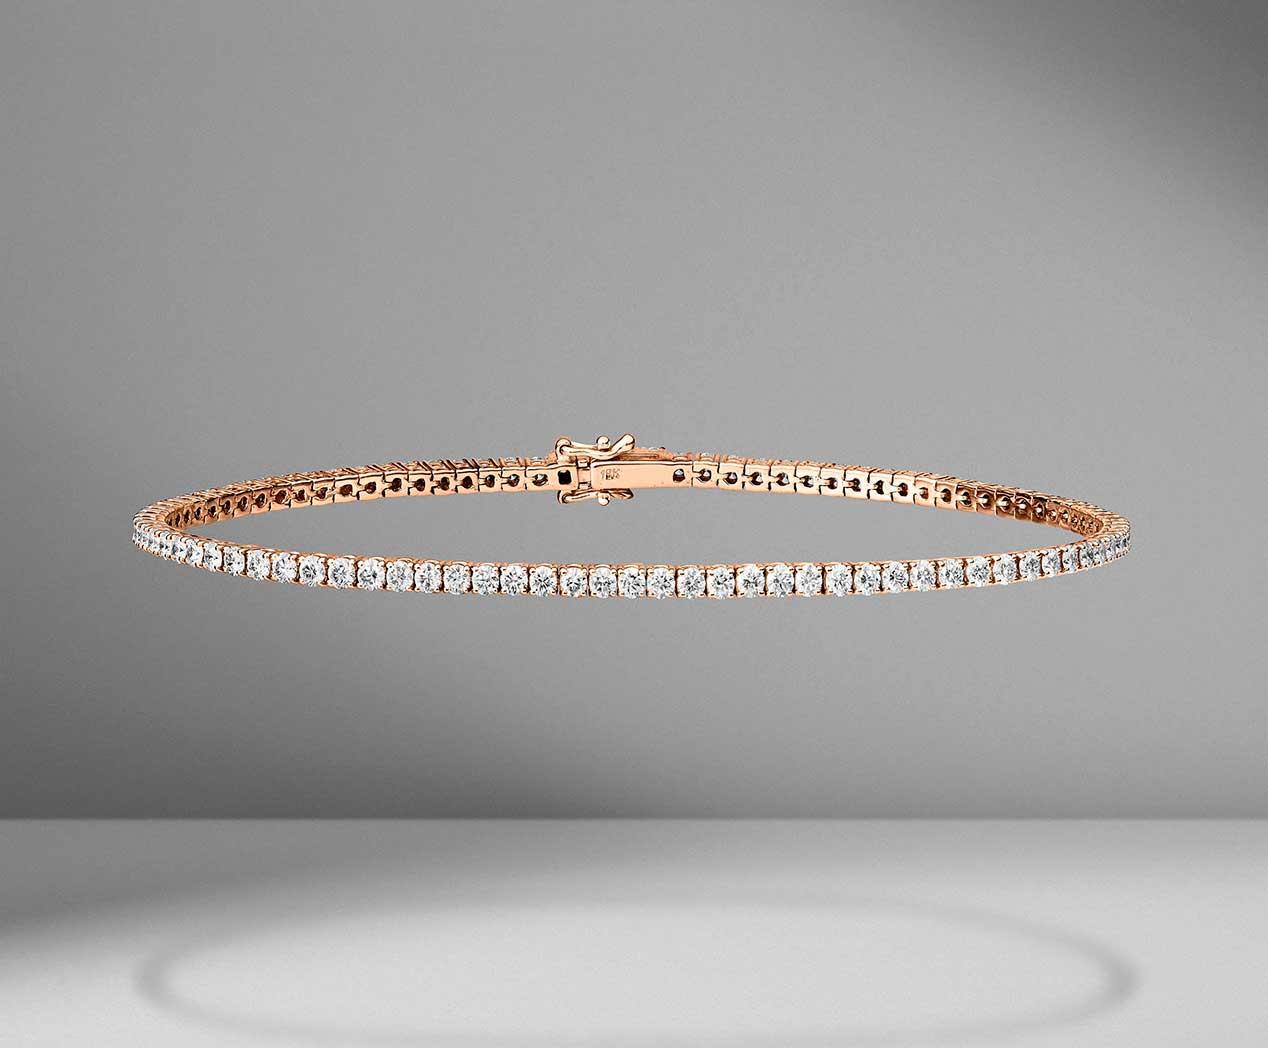 MG-Bracelet-RoundLIne-Bracelet-G11532-RG---Teresa-Panico.jpg